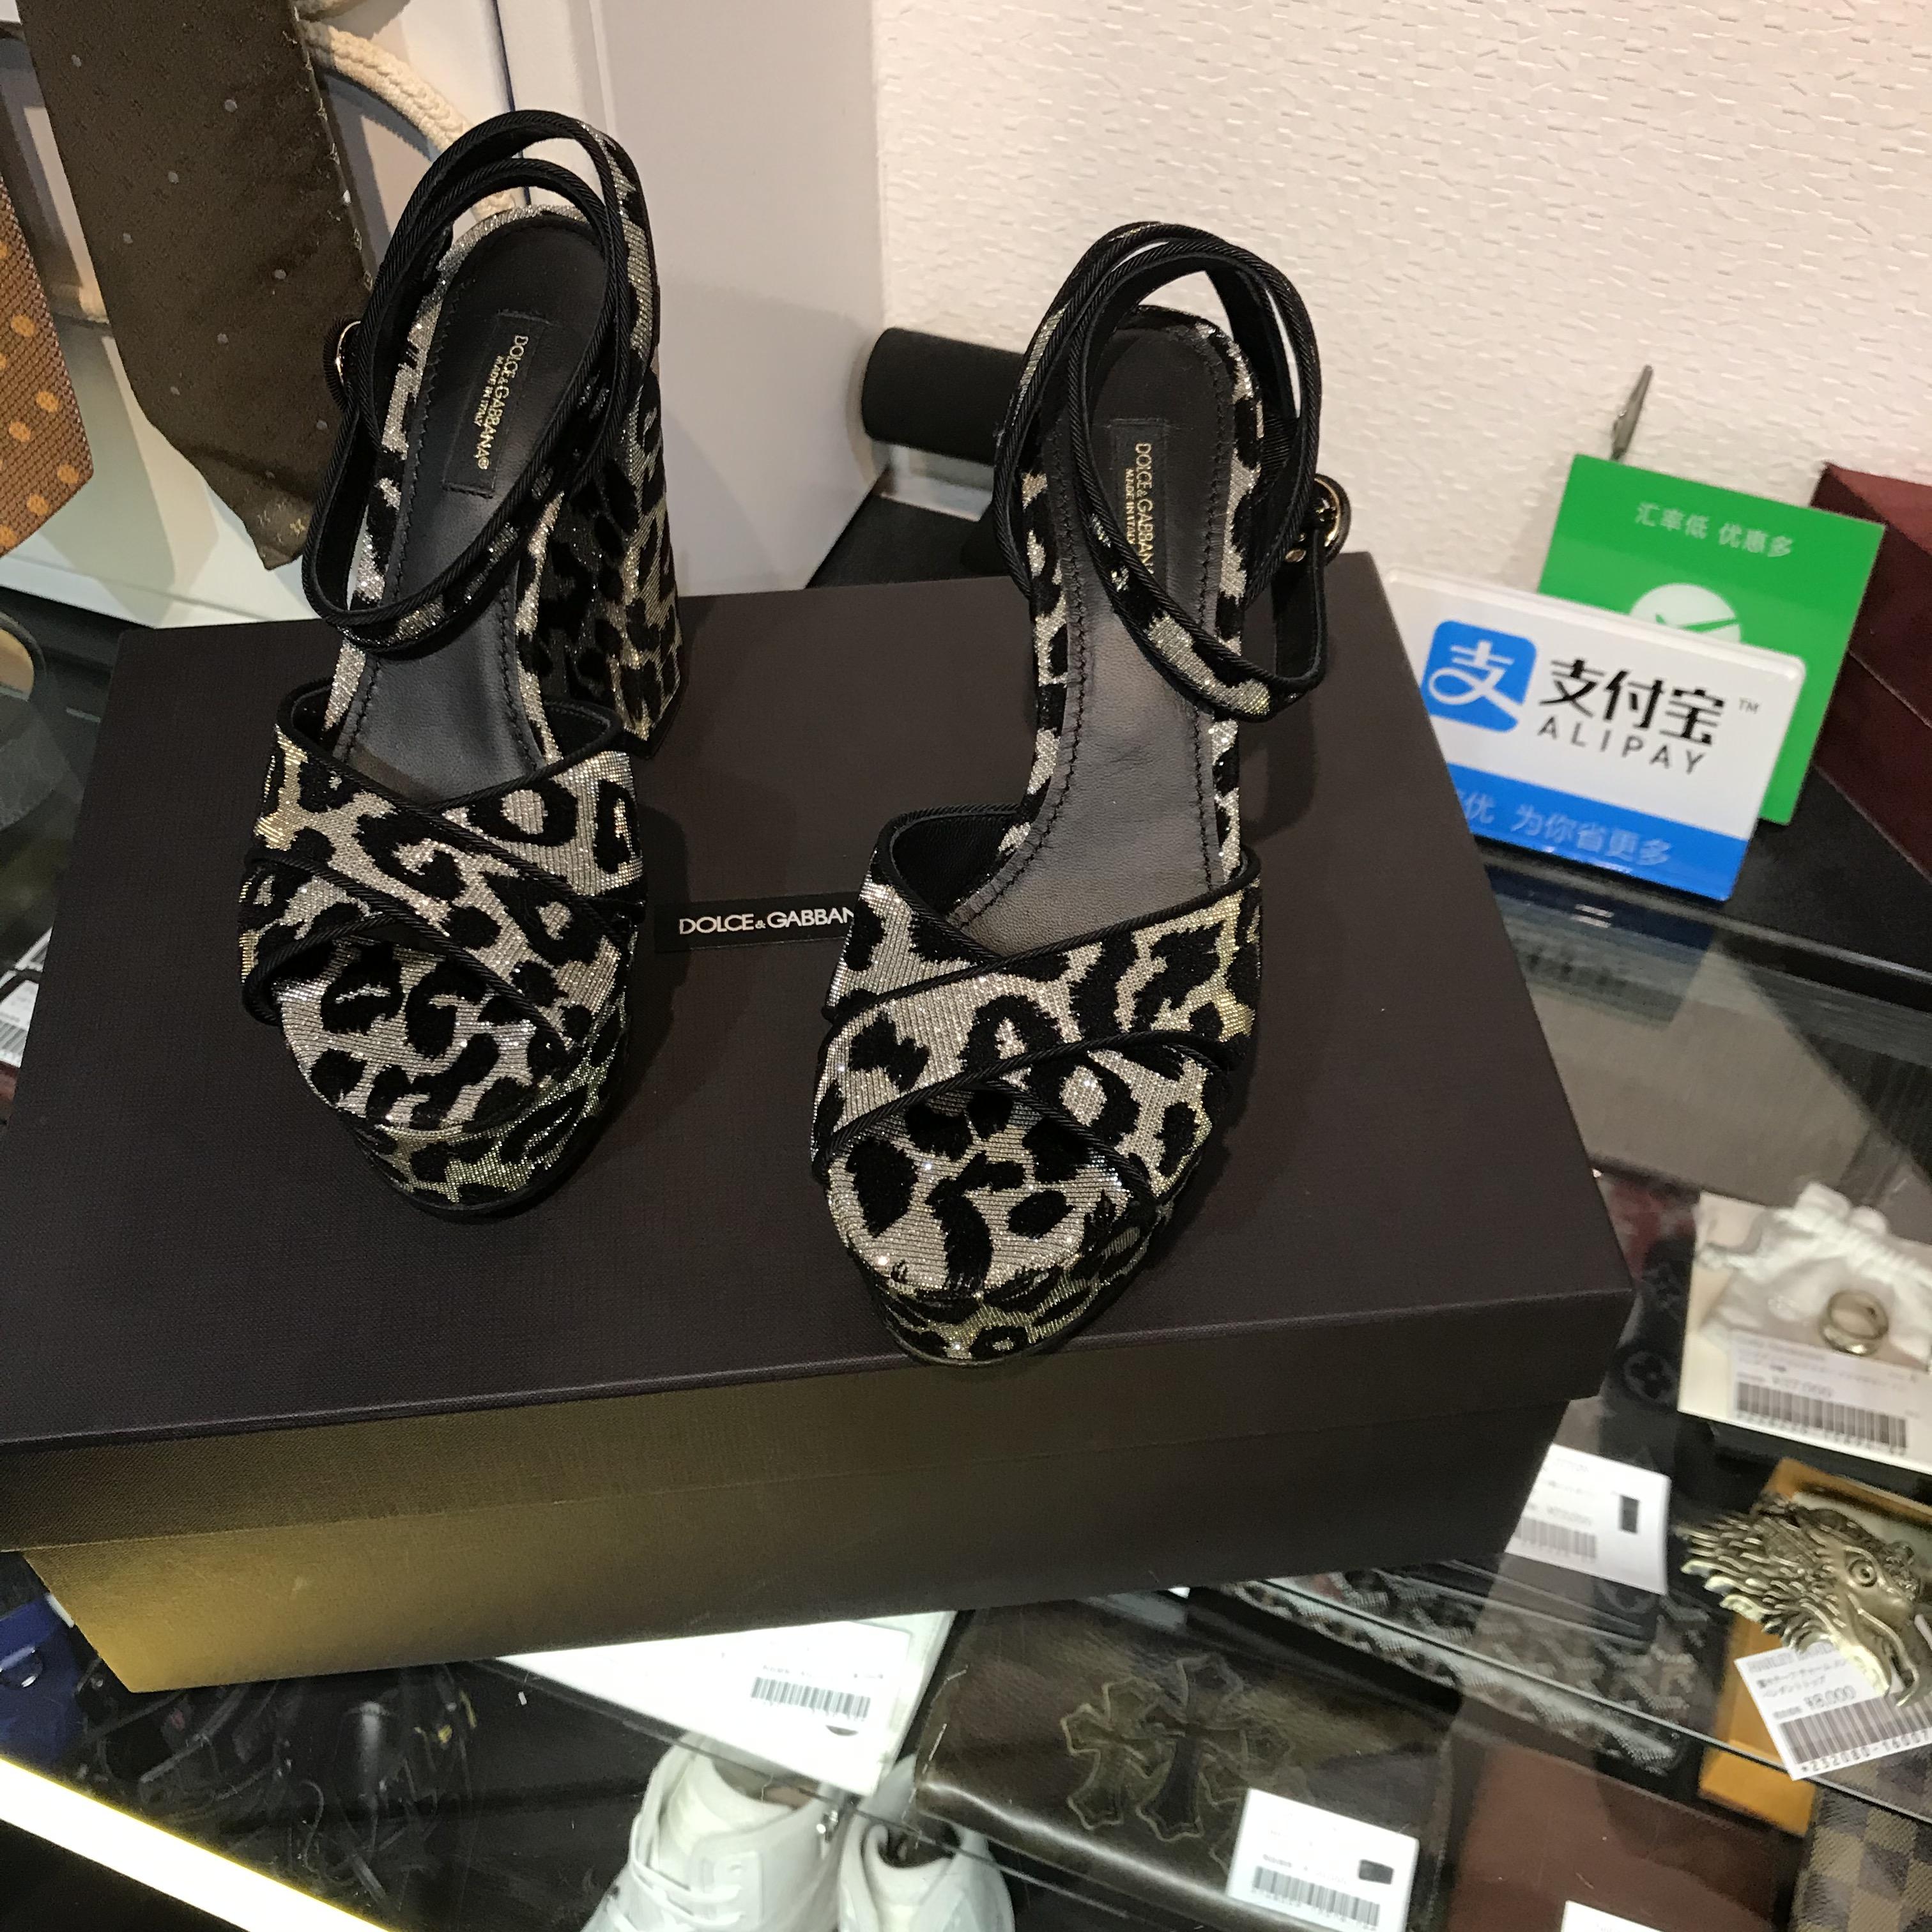 5月に入りました!!一足先に夏に向けてピッタリのサンダルを強化買取☆ドルチェ&ガッバーナの可愛い過ぎる豹柄です☆